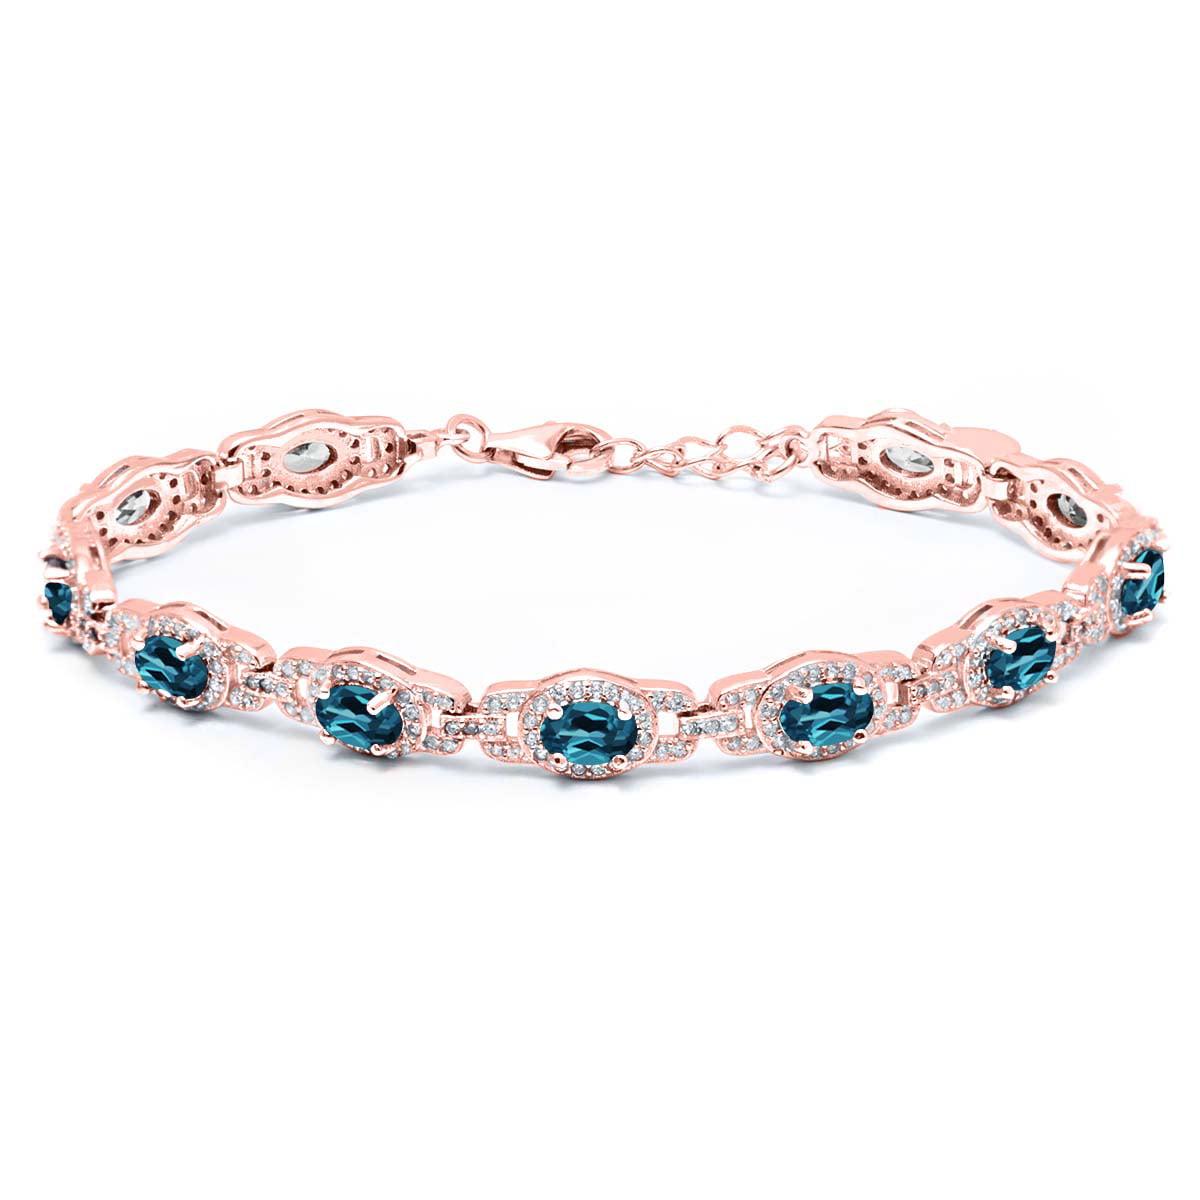 9.65 Ct Oval London Blue Topaz 18K Rose Gold Plated Silver Bracelet by